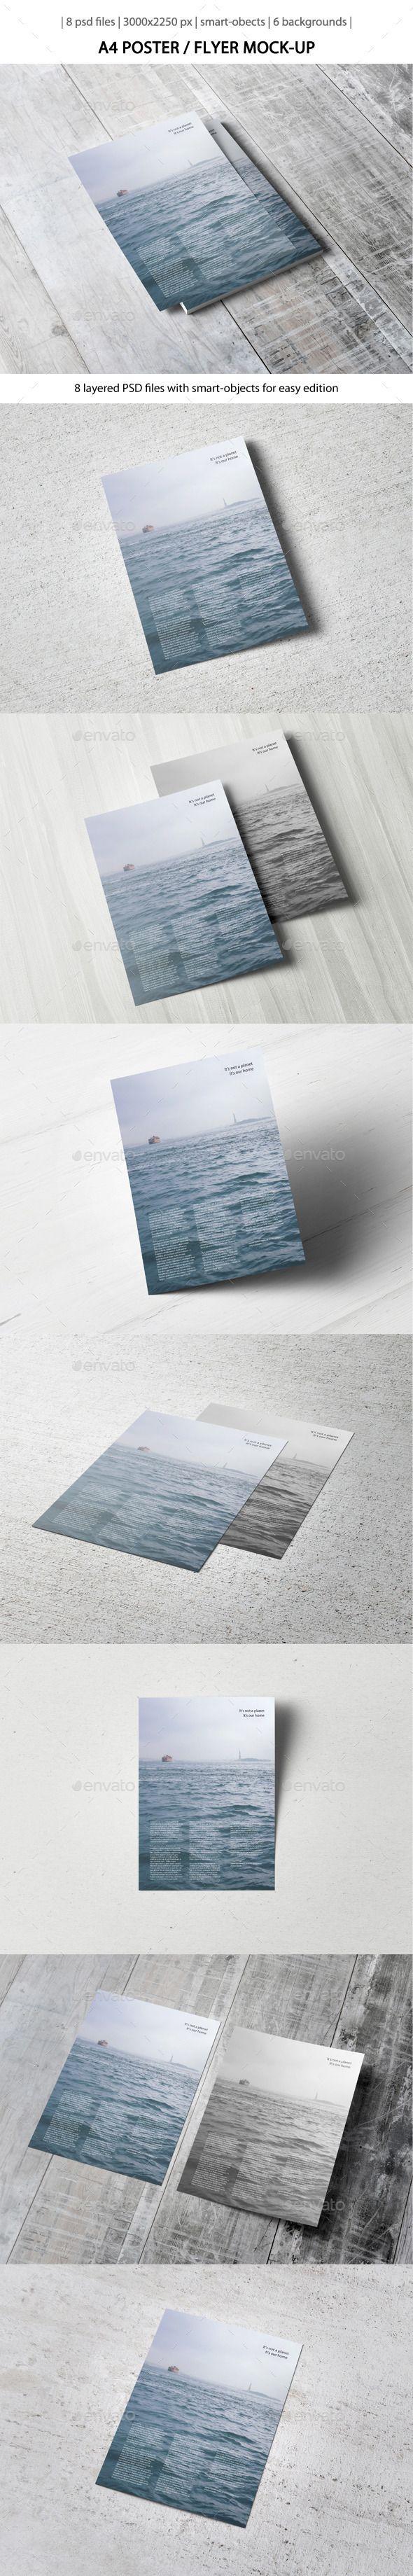 A4 Poster / Flyer MockUp PSD, CS3, 3000x2250